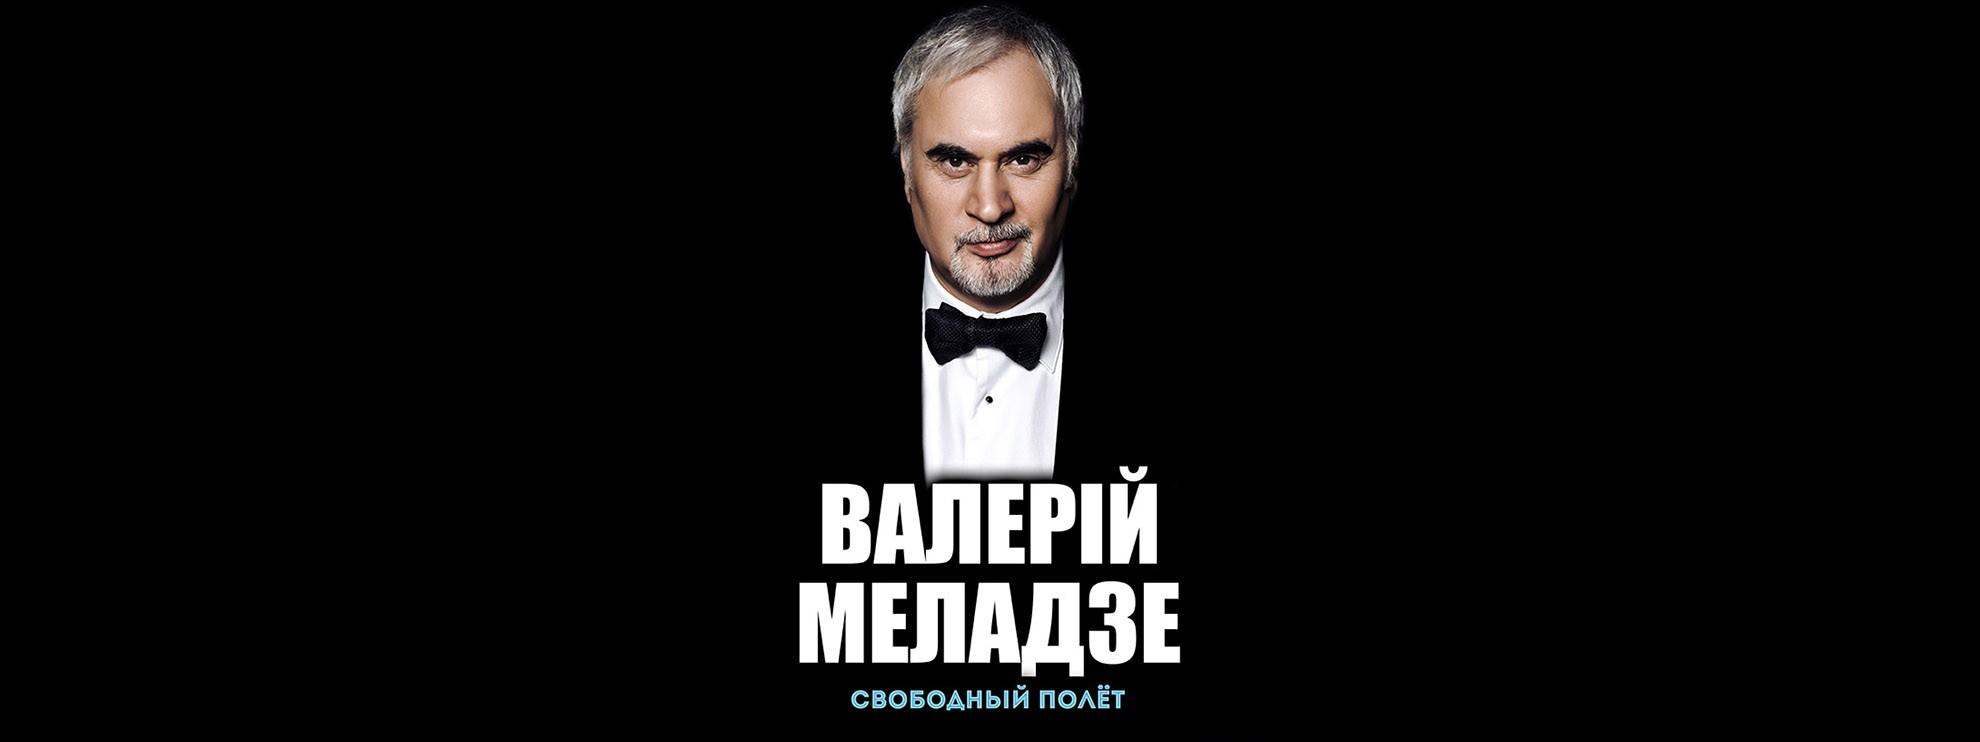 event Valery Meladze